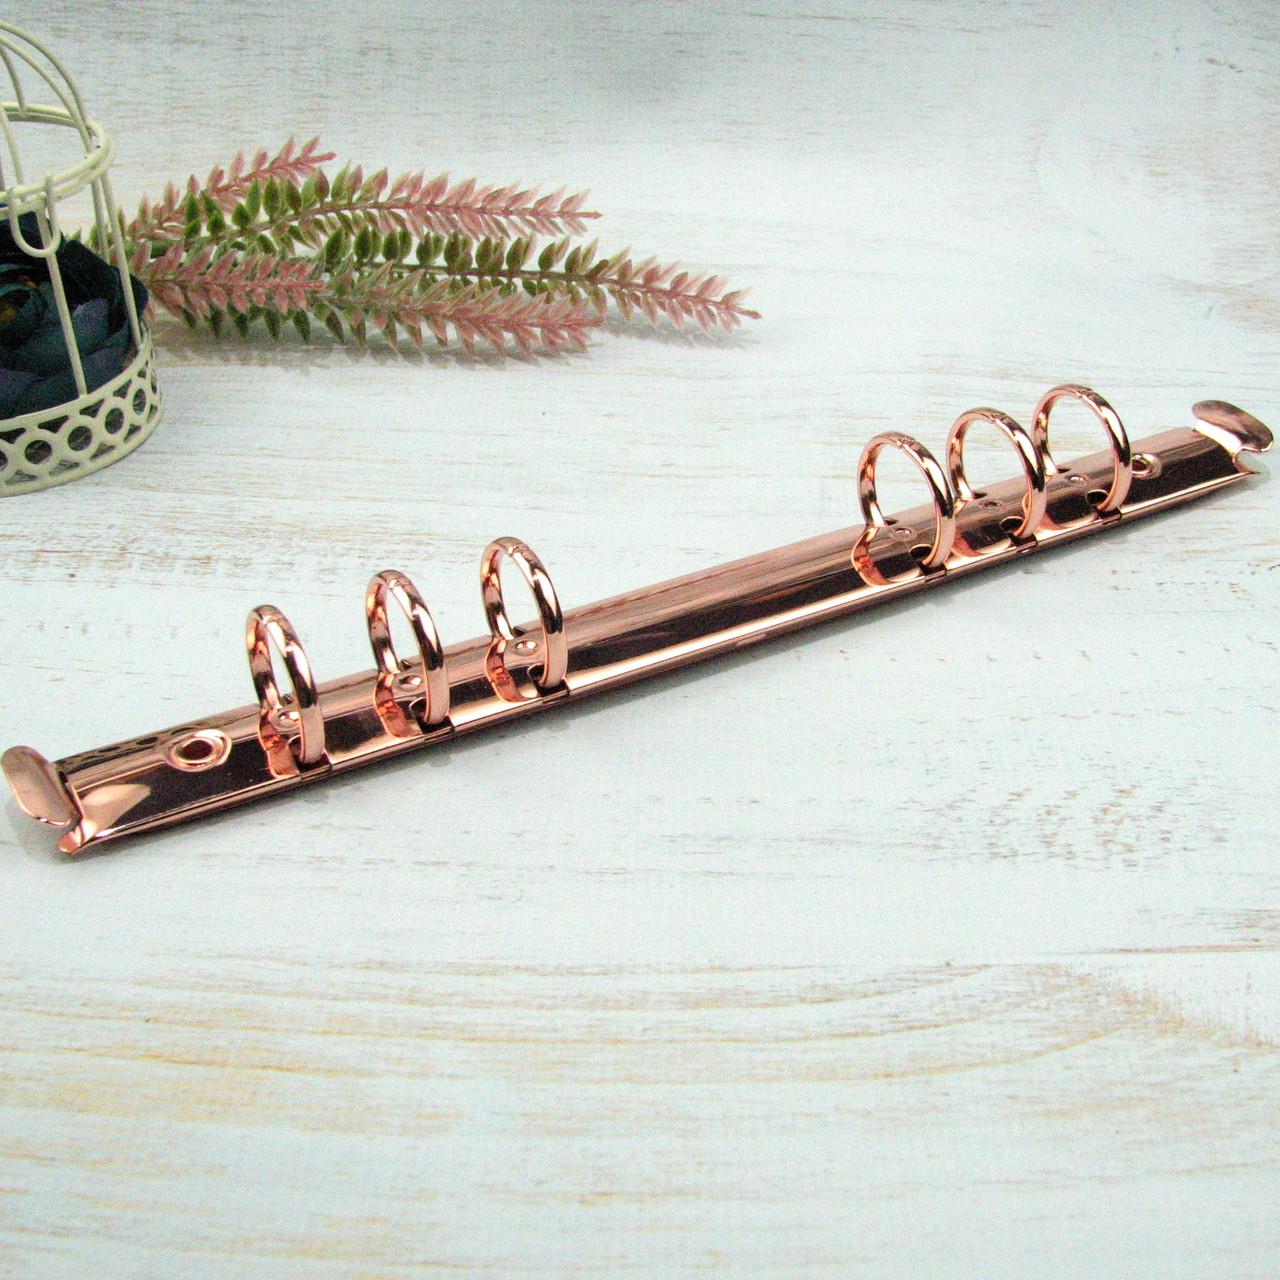 Кольцевые механизмы ,розовое золото  А5 на 6 колец 216/20мм  без крепления